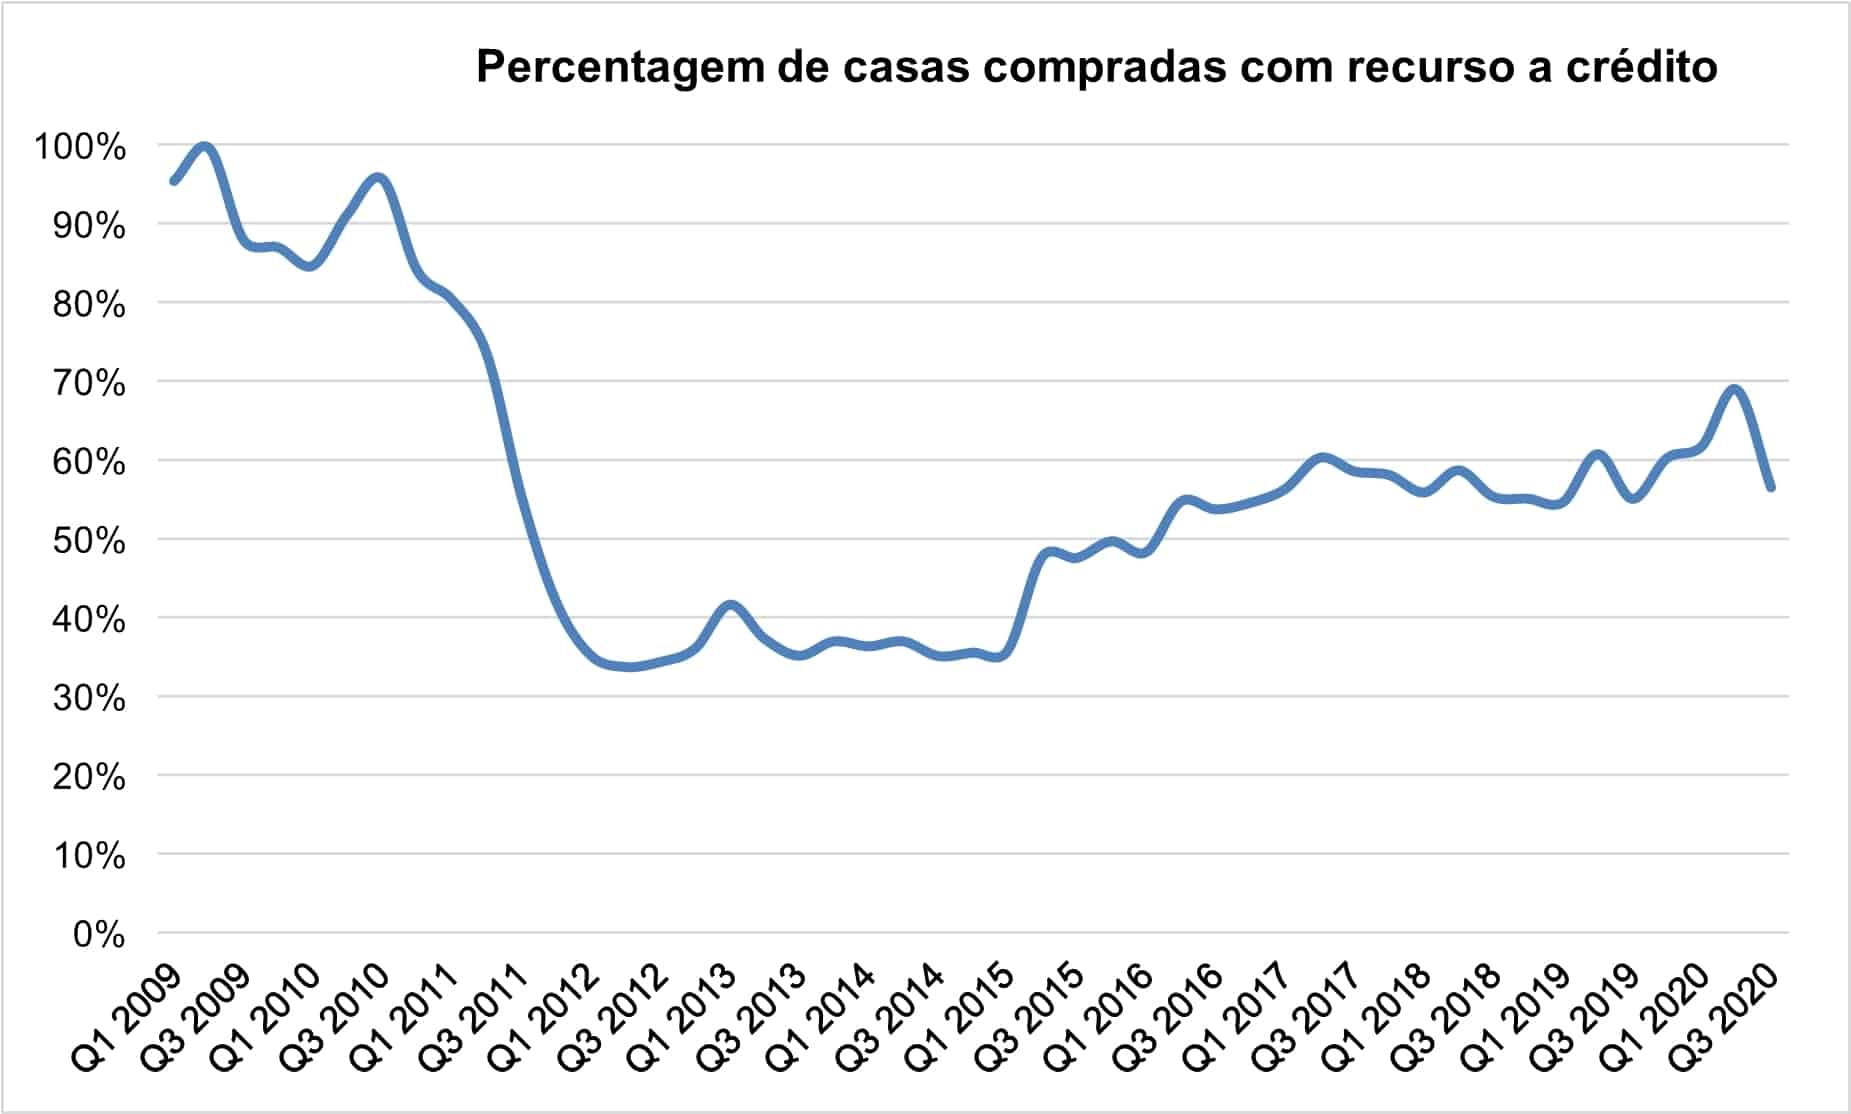 Gráfico que mostra a evolução da percentagem de casas compradas com recurso a financiamento bancário entre o primeiro trimestre de 2009 e o terceiro trimestre de 2020.